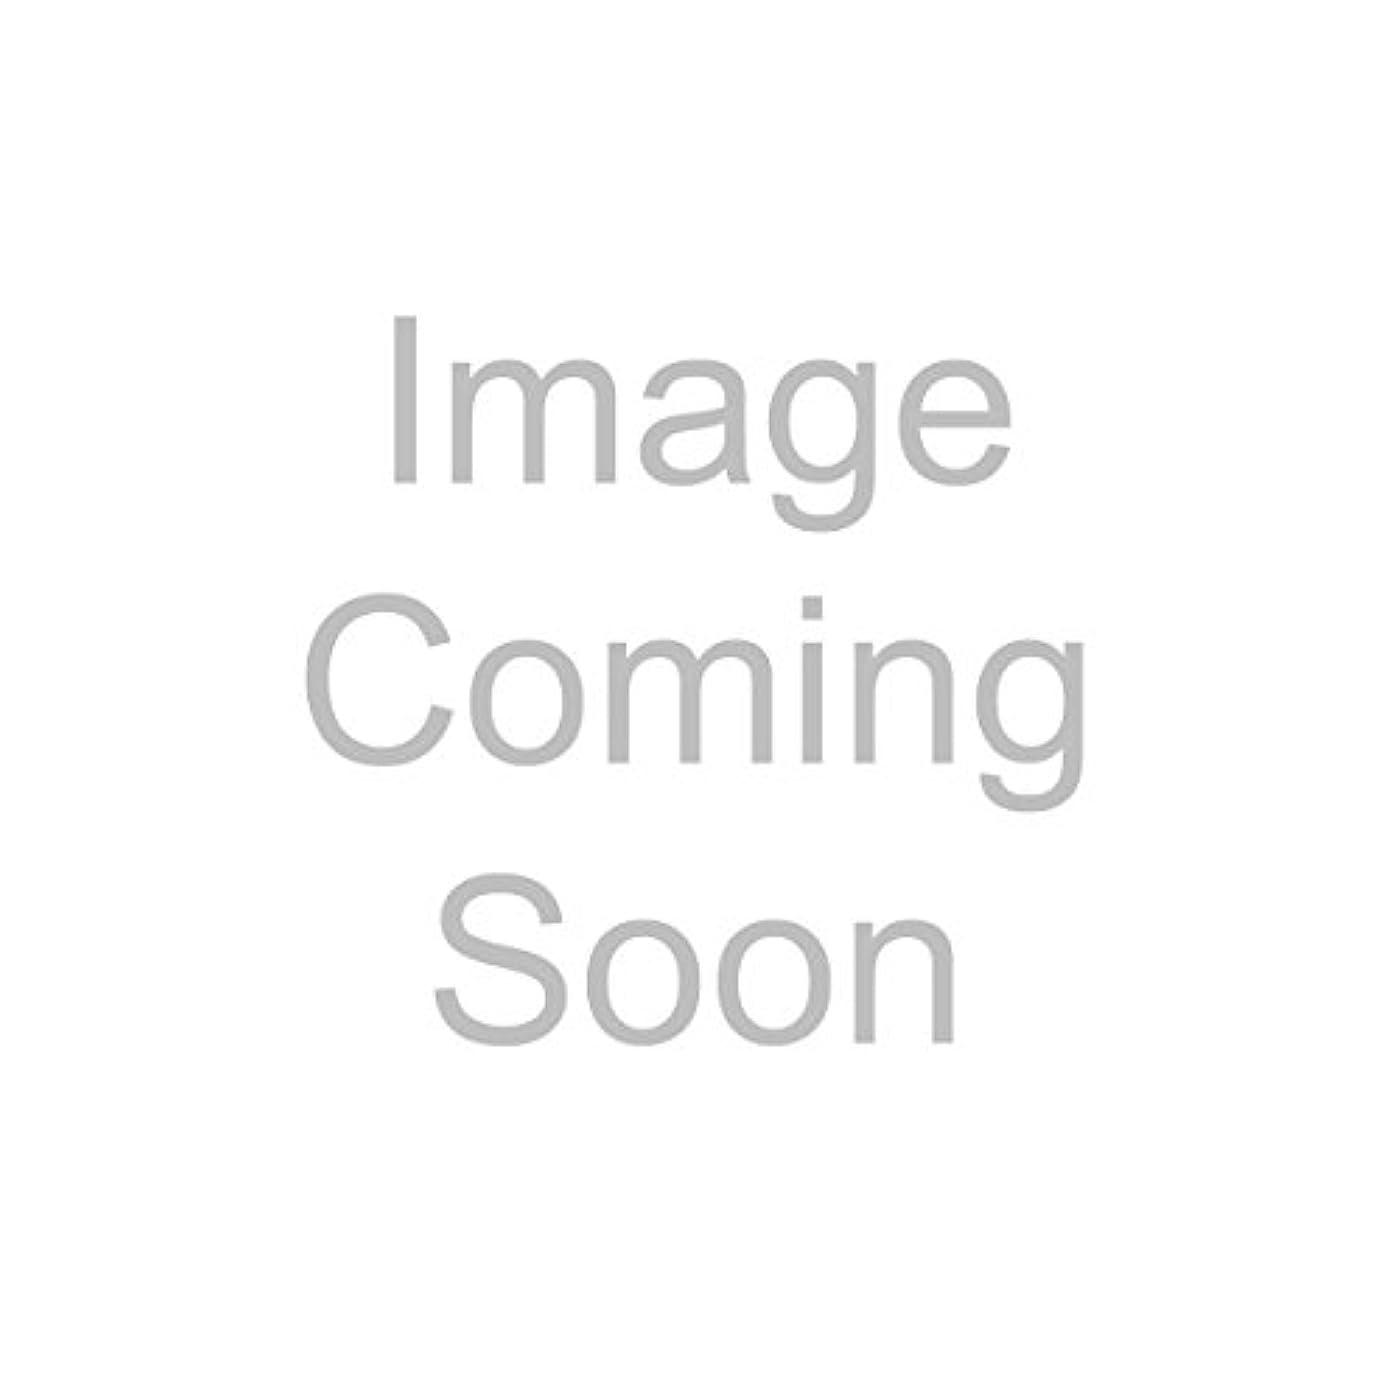 兄弟愛震える先見の明ディプティックキャンドル - マキ 190g/6.5oz